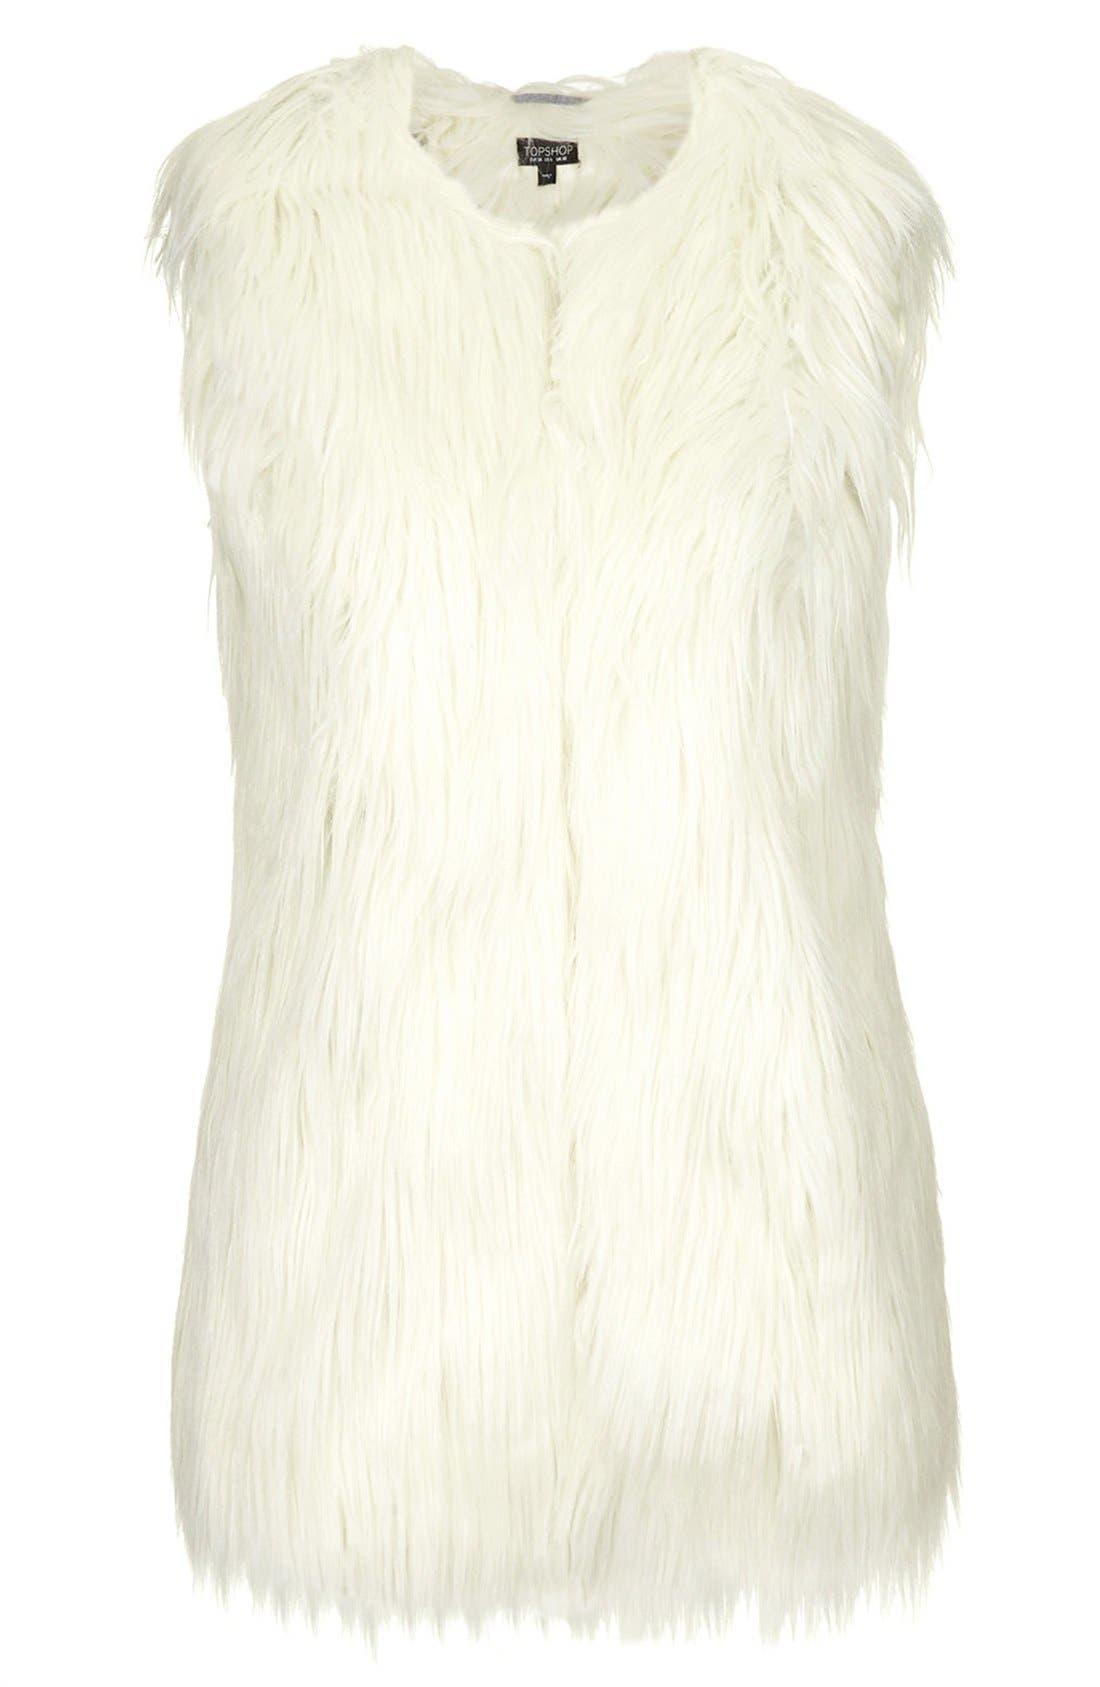 TOPSHOP, Faux Fur Gilet Vest, Alternate thumbnail 4, color, 900